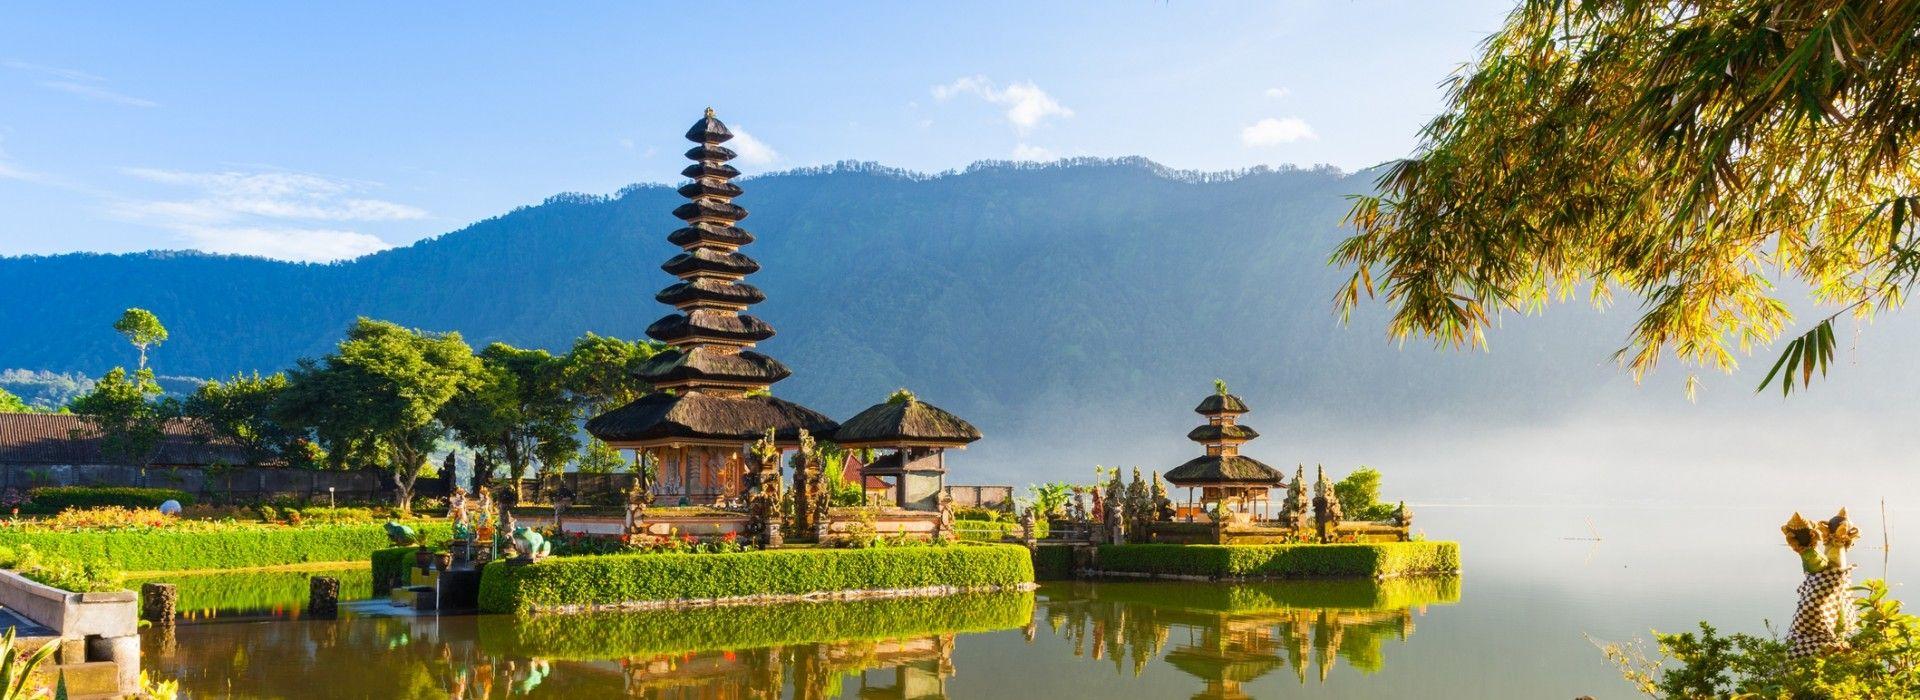 Walking tours in Bali